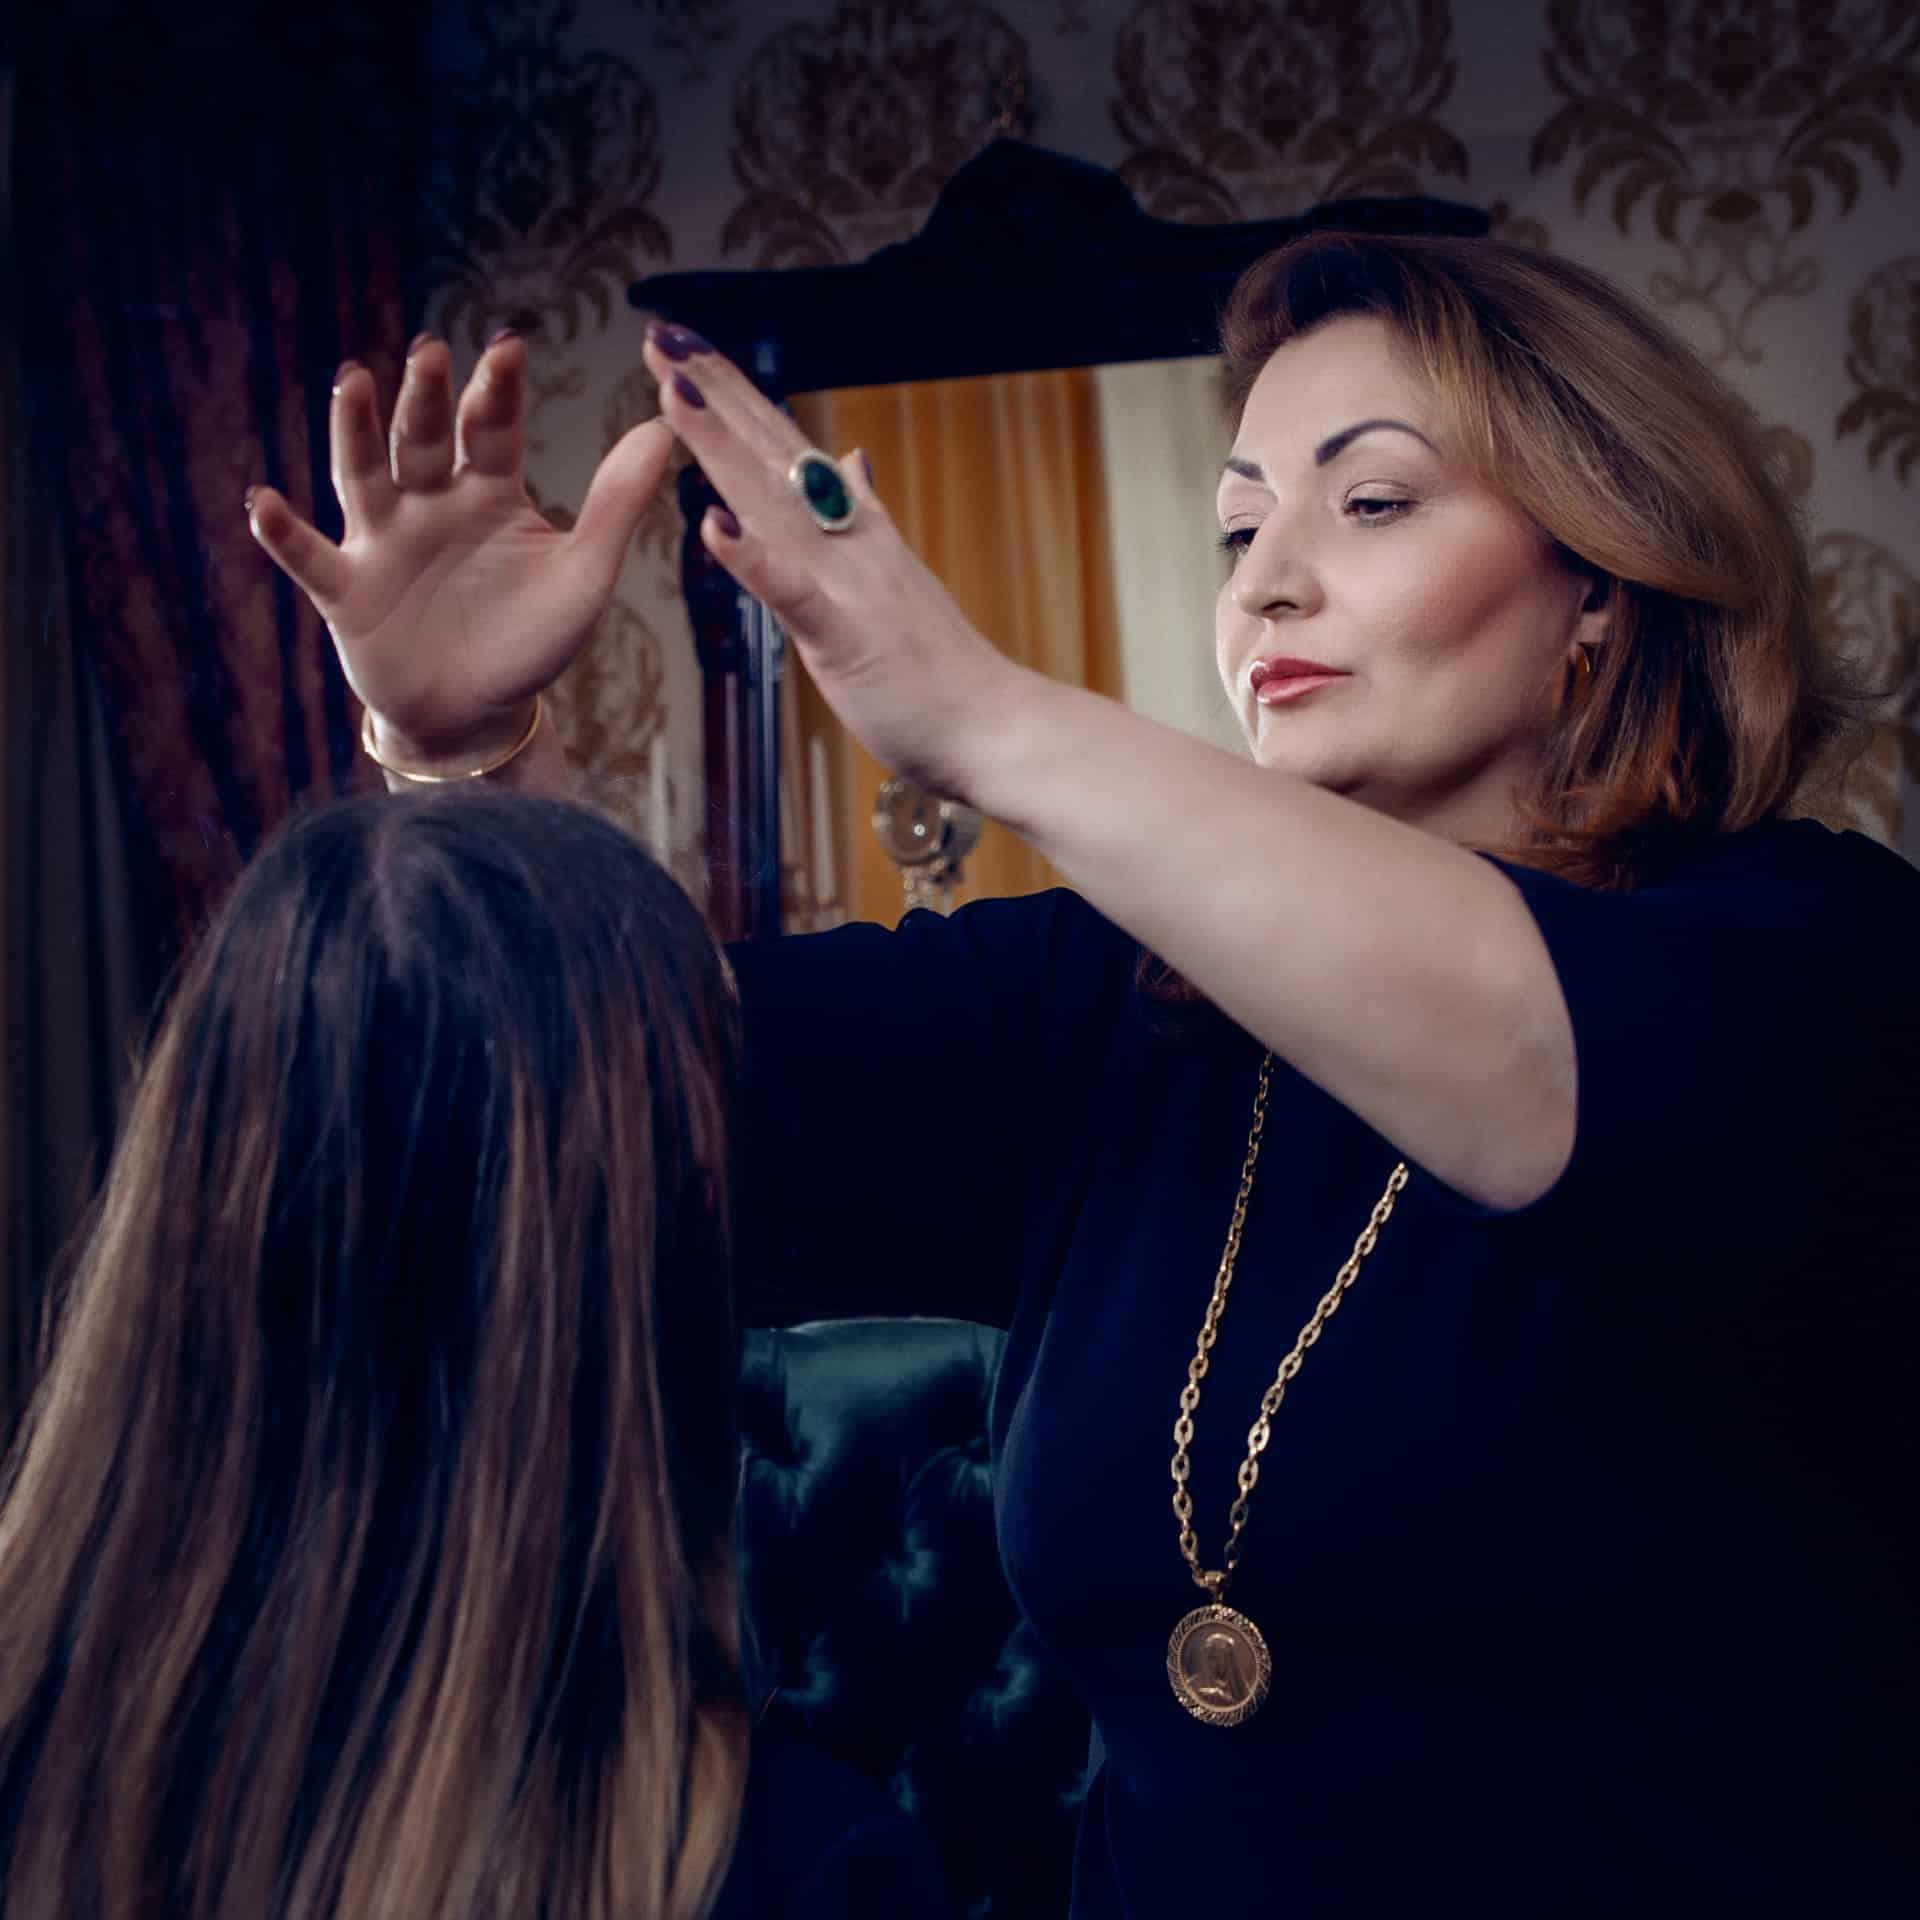 Психологическая помощь в Киеве | Лилия Абрамян